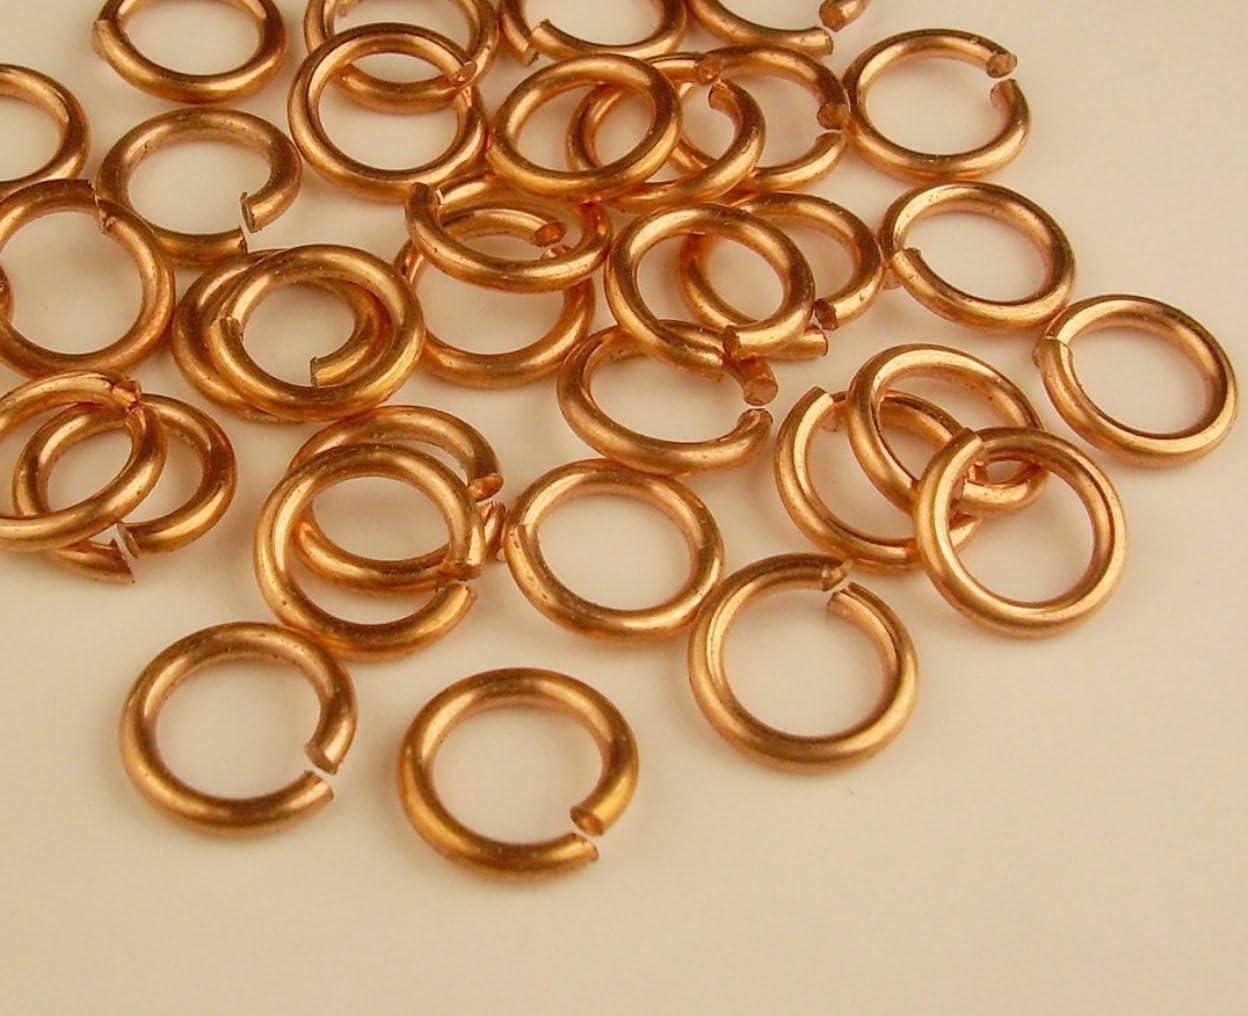 BULK 1000 Split rings 7mm gold tone